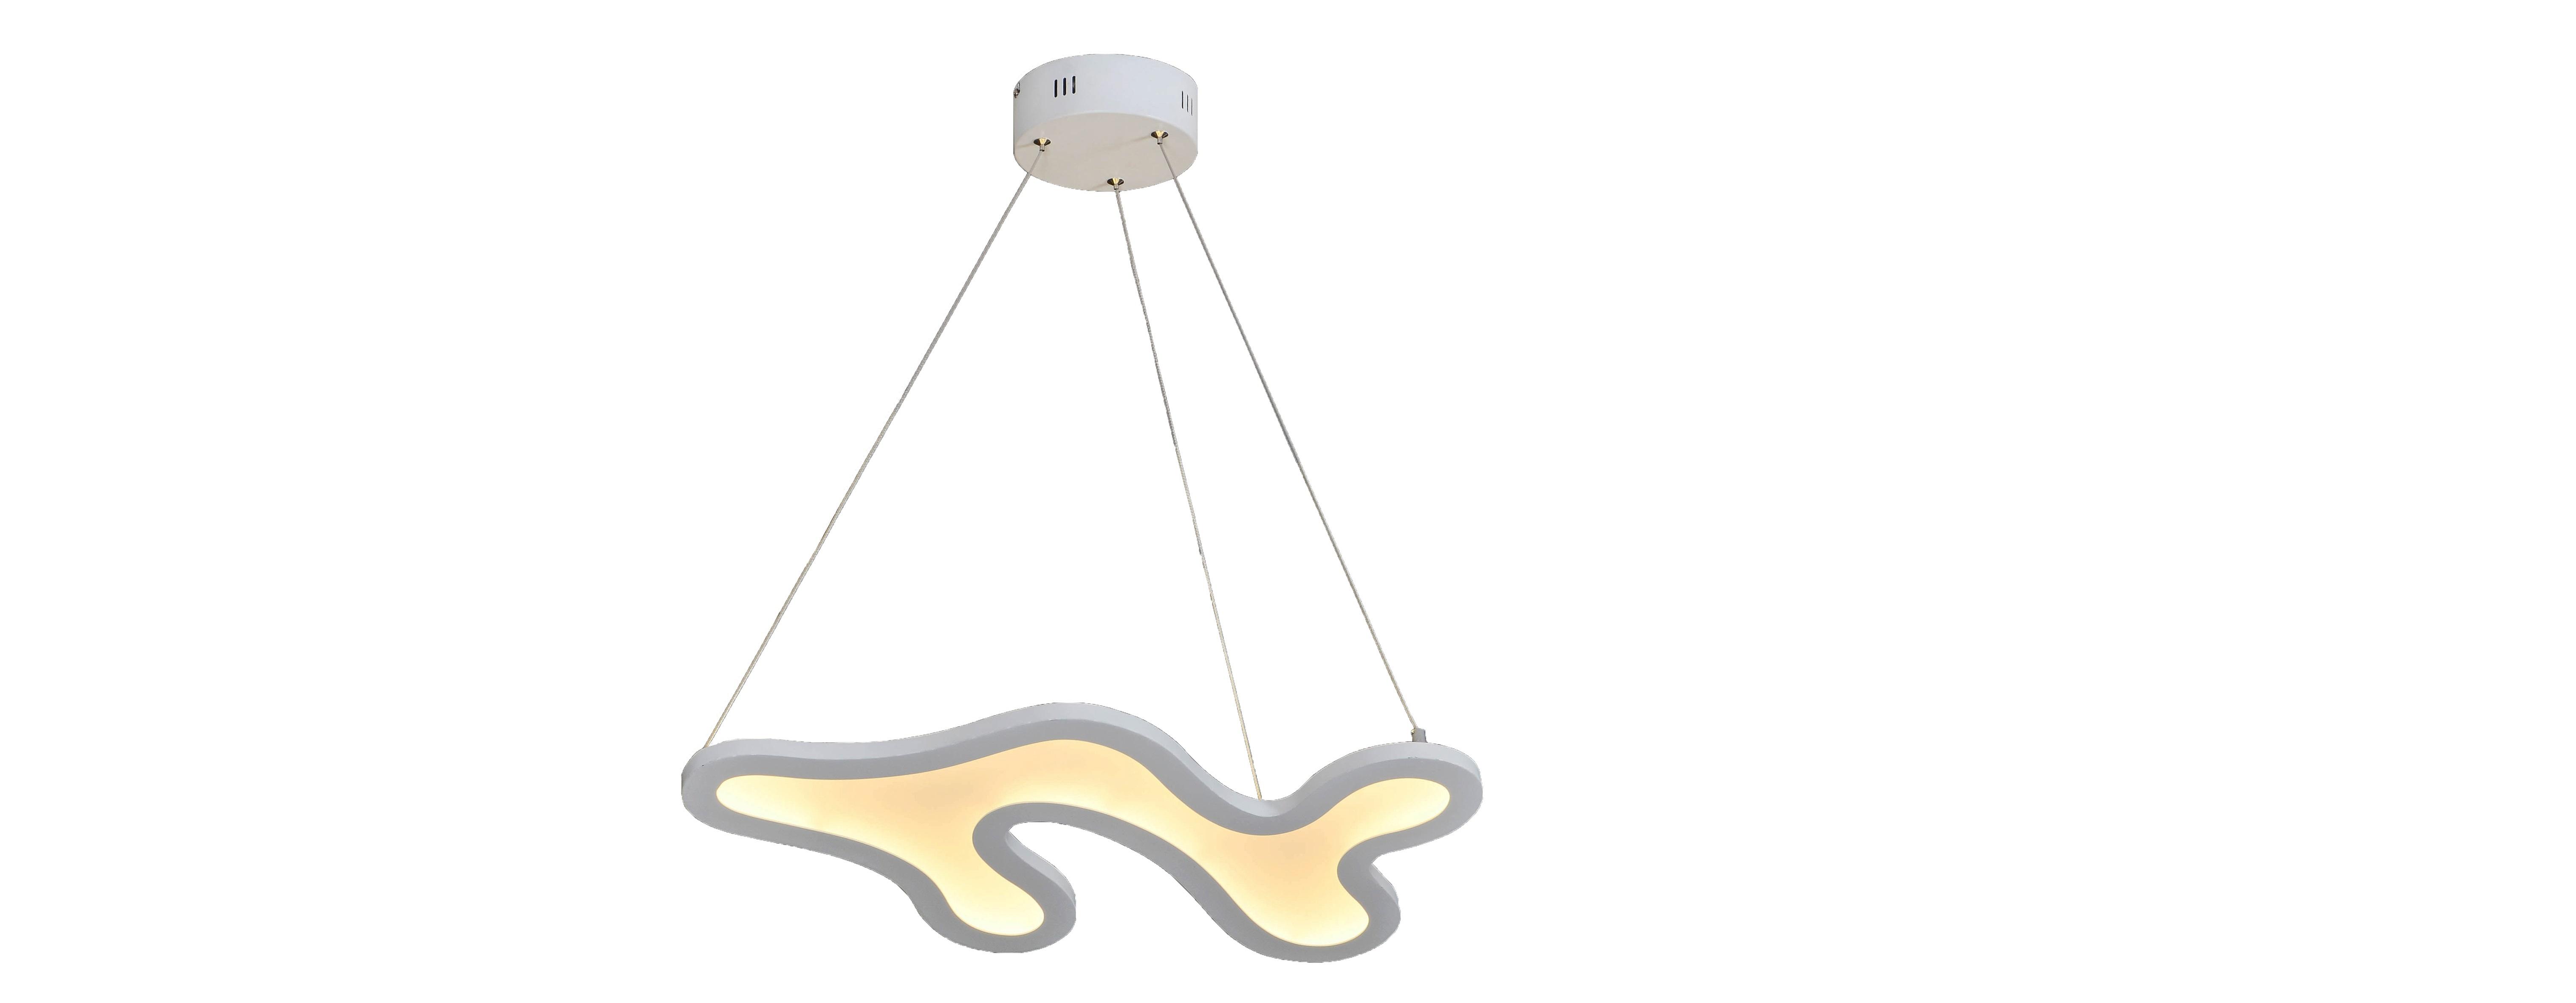 Подвесной светильник ЗодиакПодвесные светильники<br>&amp;lt;div&amp;gt;Загадочный подвесной светильник &amp;quot;Зодиак&amp;quot; окутает пространство неуловимой дымкой света, создав рассеянное освещение. Затейливая форма выдает его таинственное происхождение. Белая рама стремительно движется в неизвестном направлении, замыкаясь в извилистую фигуру. Такой светильник не оставит равнодушными любителей эклектичных пространств.&amp;lt;/div&amp;gt;&amp;lt;div&amp;gt;&amp;lt;br&amp;gt;&amp;lt;/div&amp;gt;&amp;lt;div&amp;gt;Тип ламп: LED&amp;lt;/div&amp;gt;&amp;lt;div&amp;gt;Количество ламп/тип ламп:LED 31,5W&amp;lt;/div&amp;gt;&amp;lt;div&amp;gt;&amp;lt;br&amp;gt;&amp;lt;/div&amp;gt;<br><br>Material: Металл<br>Length см: 60<br>Width см: 30<br>Height см: 120